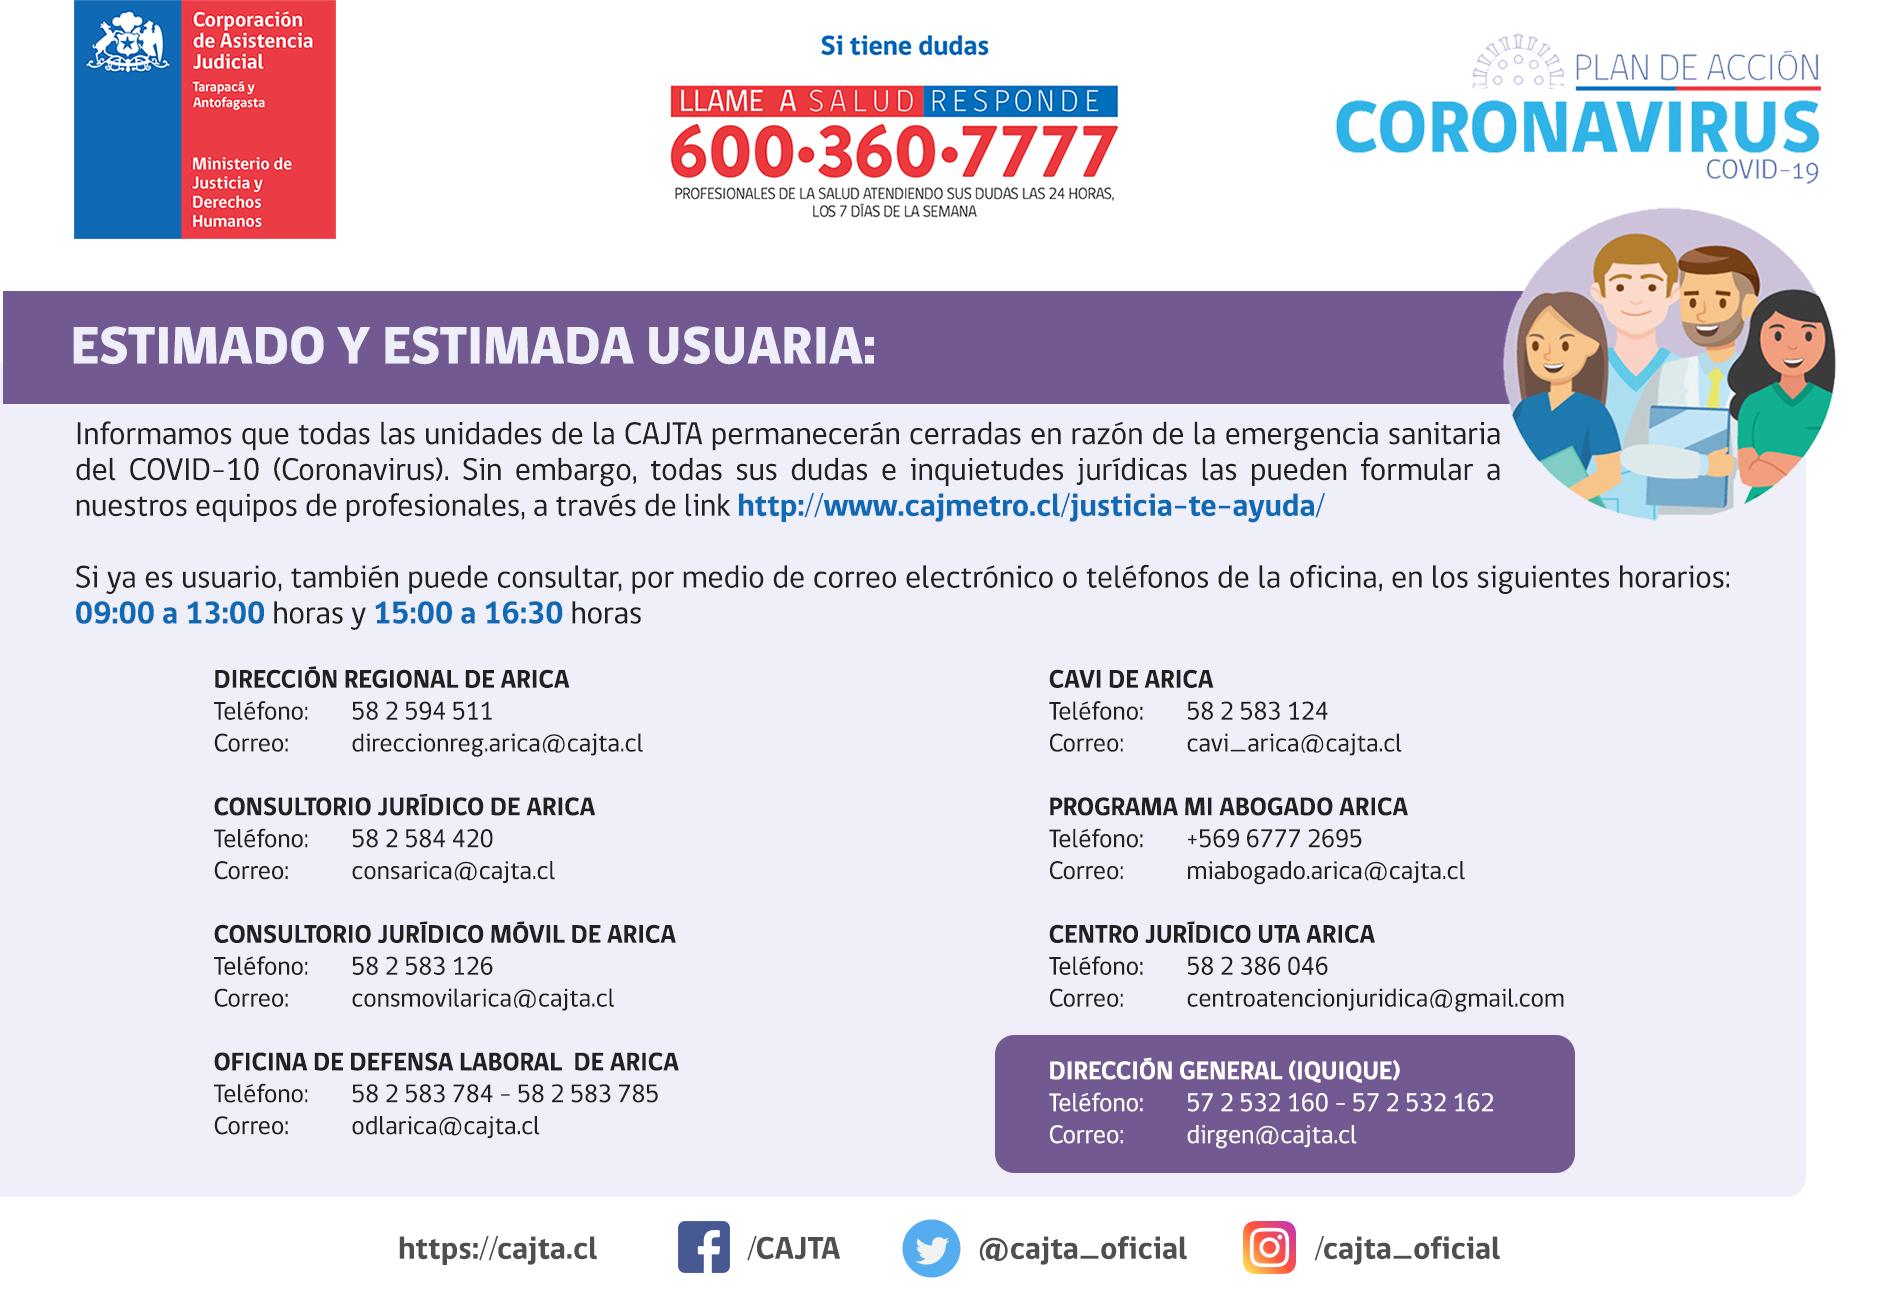 Información para nuestros usuarios y usuarias de la Región de Arica y Parinacota